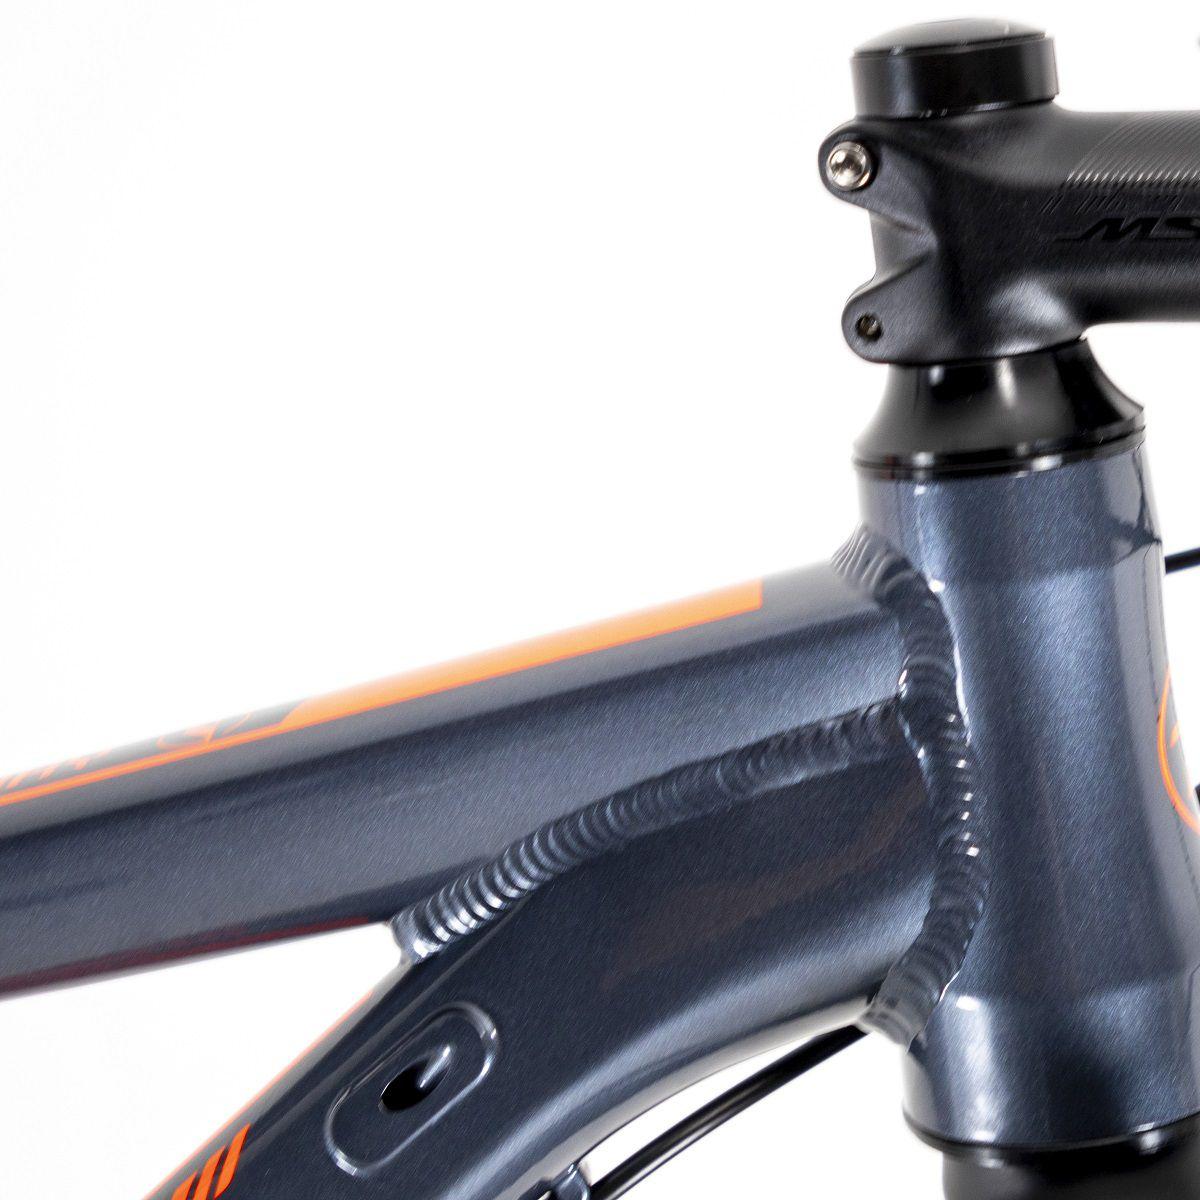 Bicicleta Aro 29 Tsw Hurry 2019 11v Shimano Slx